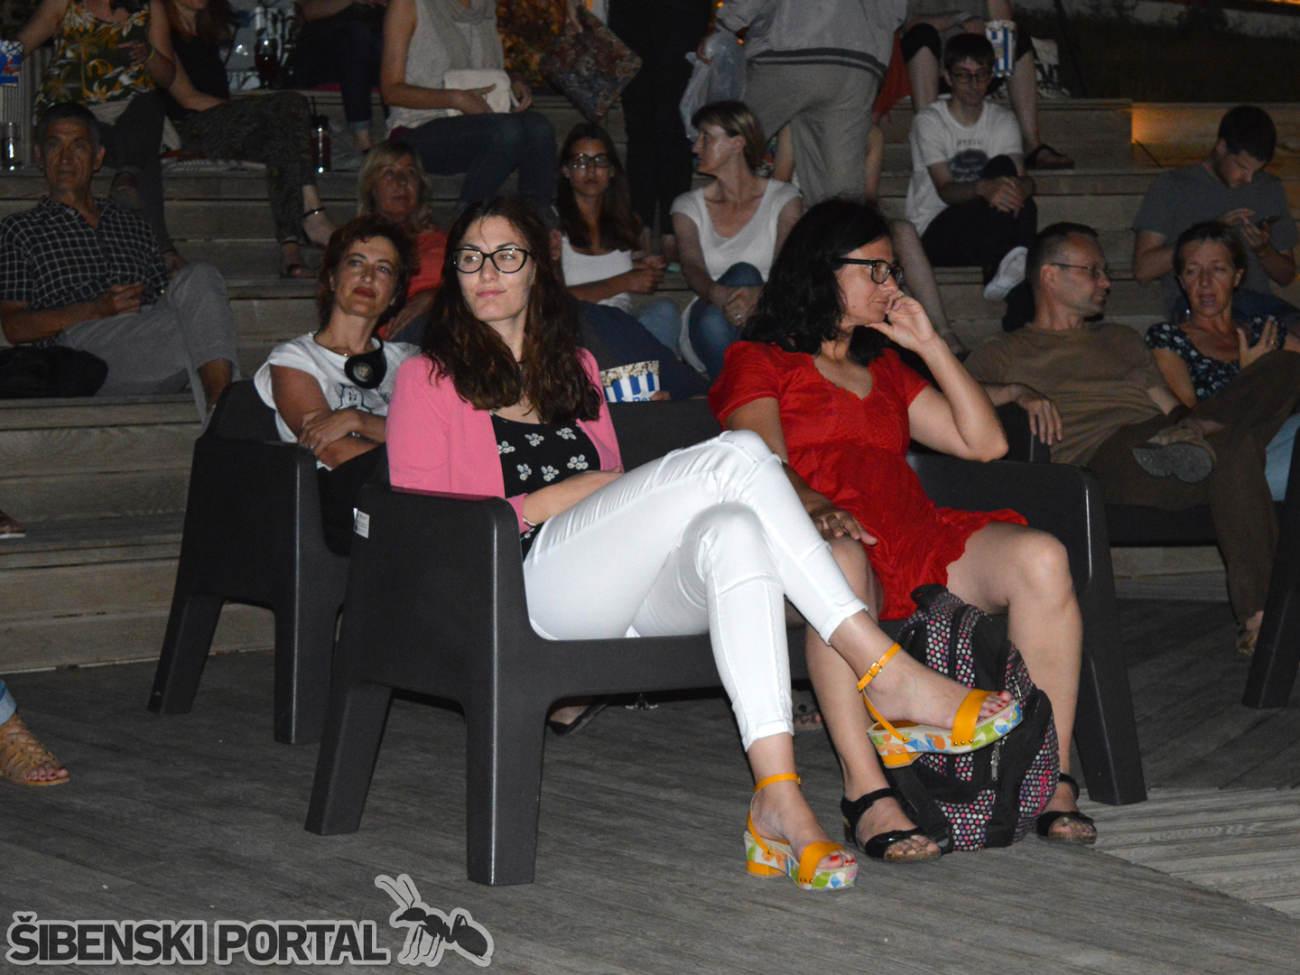 barone festival filma 230616 5